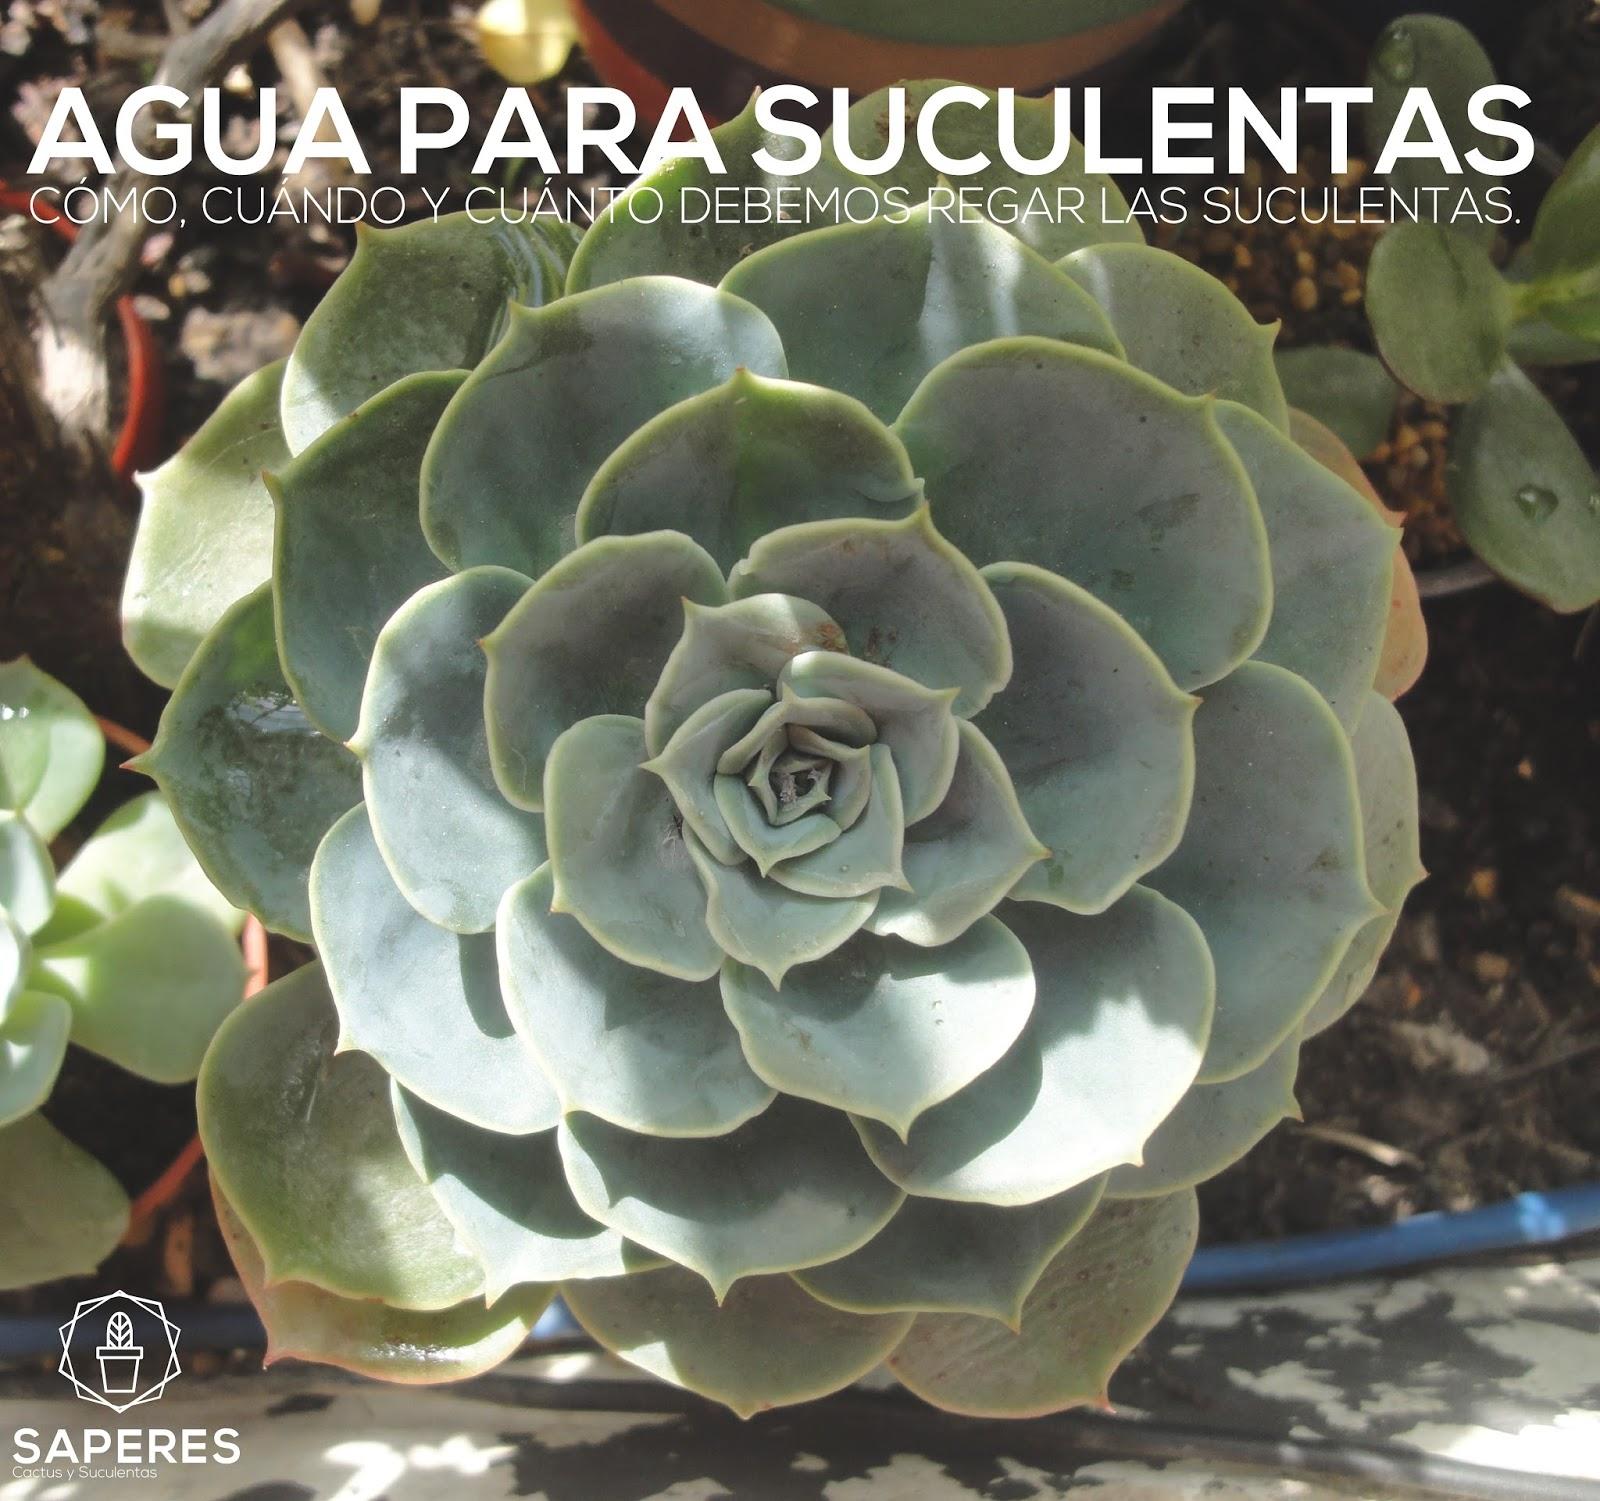 Agua para suculentas saperes - Enfermedades de las plantas de interior ...